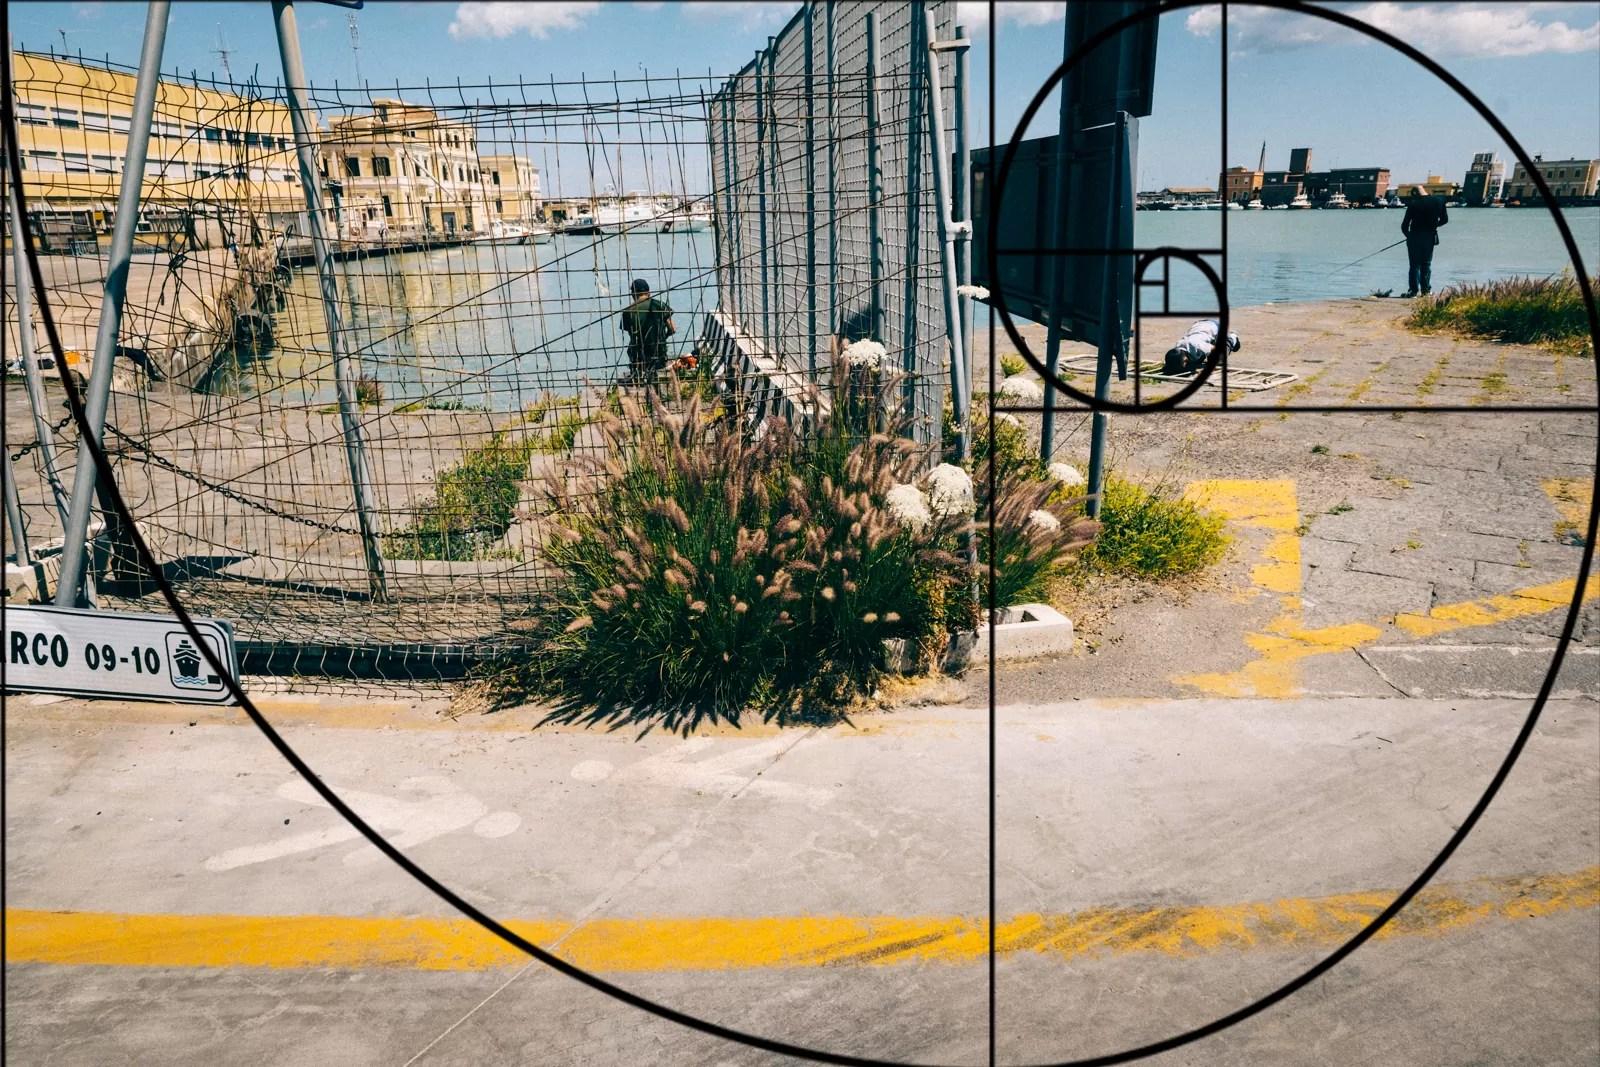 porto aurea - La sezione aurea nella fotografia di strada - fotostreet.it